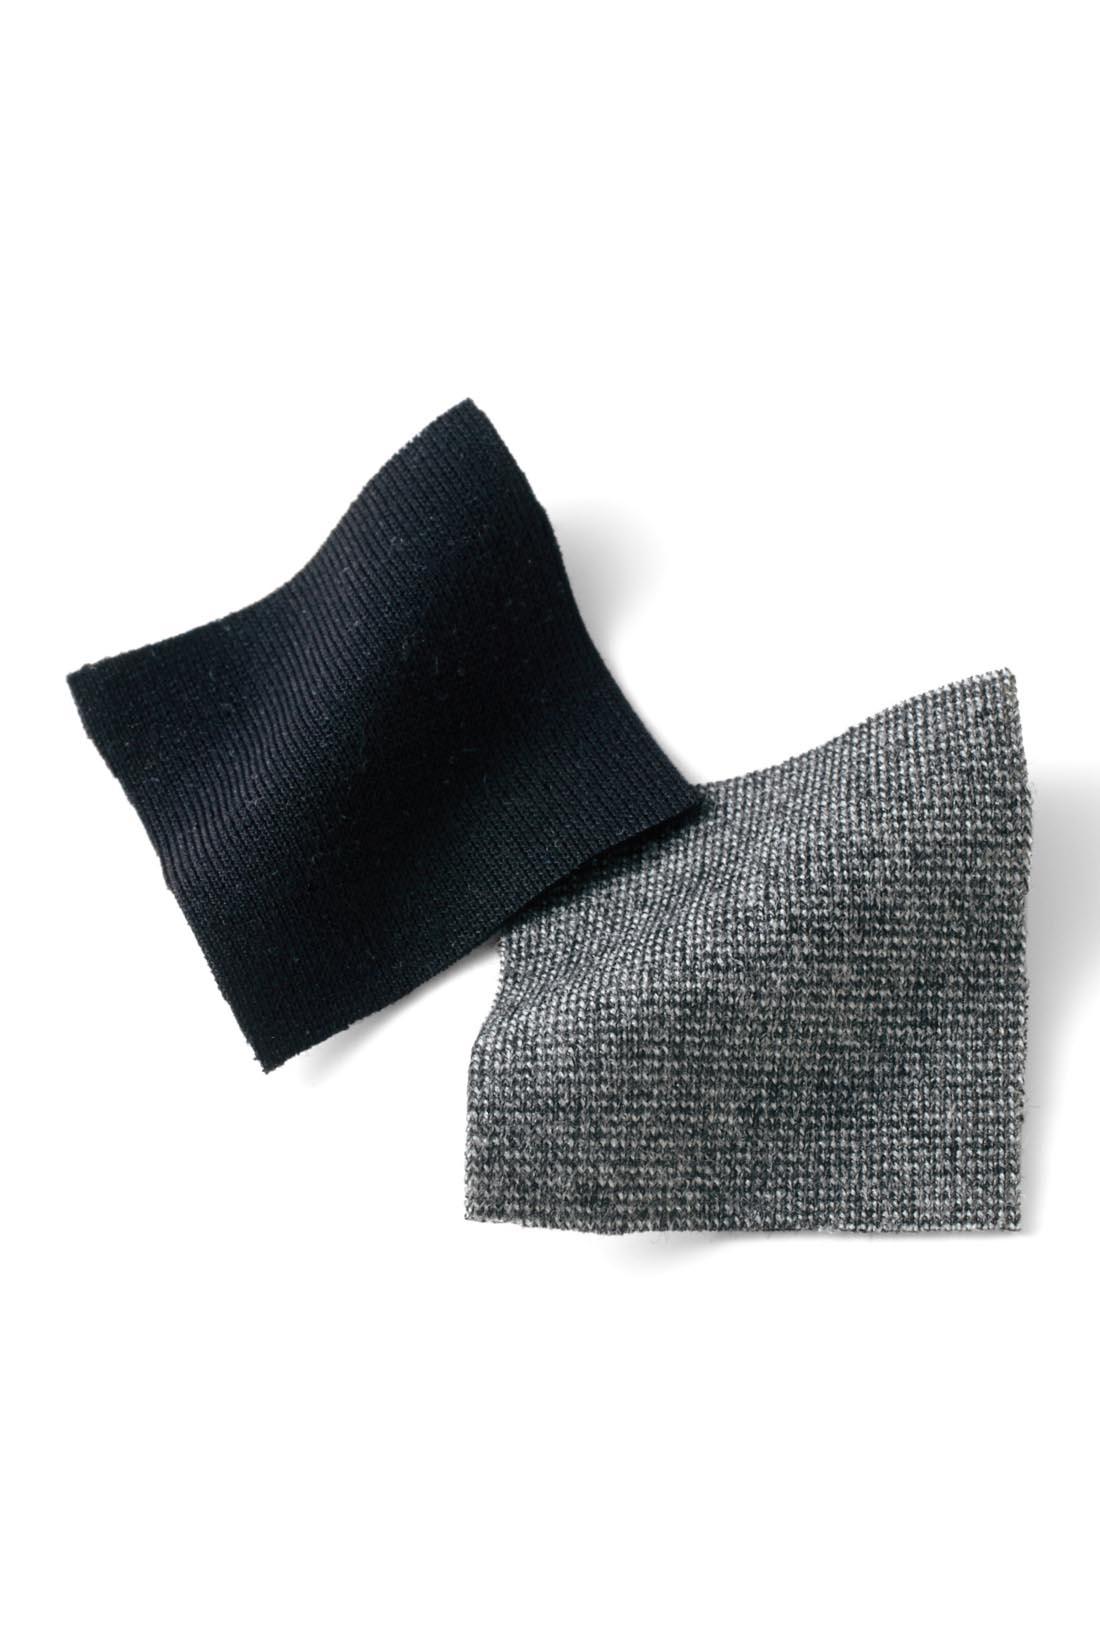 ほどよい厚みと落ち感のあるカットソー素材はきれいめながら、はき心地快適。